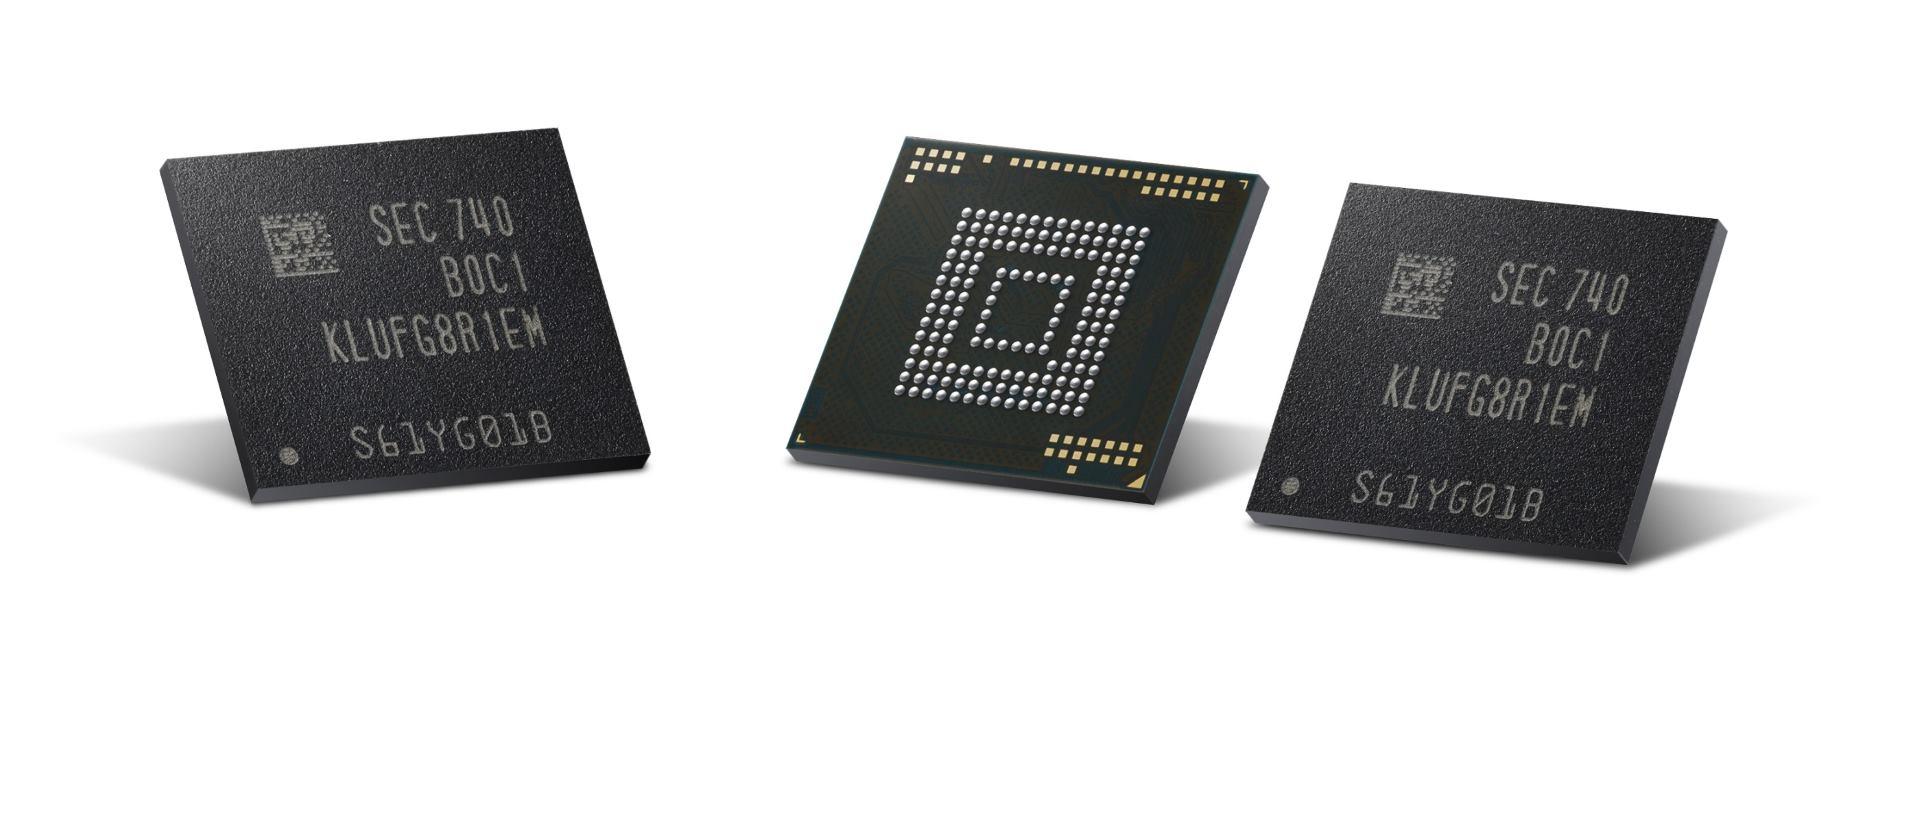 Samsung počeo proizvoditi prvu univerzalnu flash memoriju od 512 GB za mobilne uređaje nove generacije